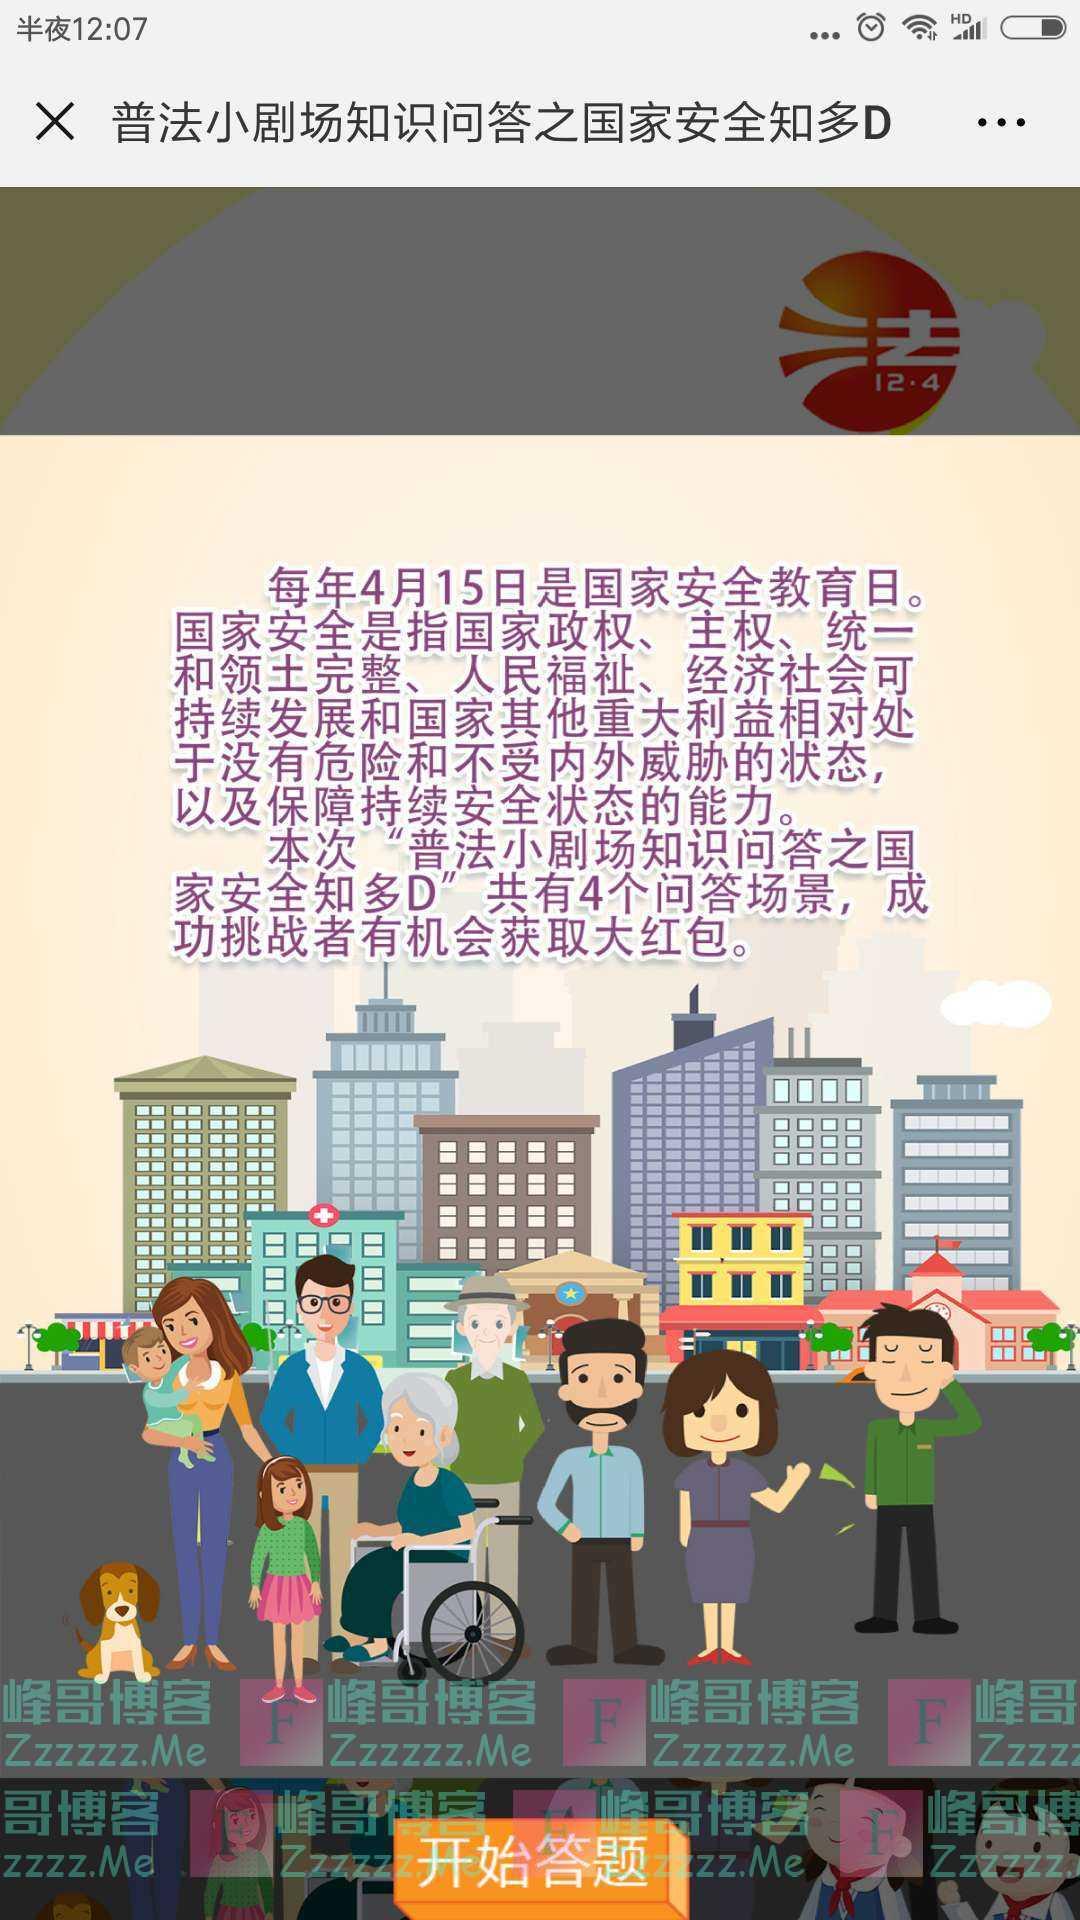 三水公共法律服务普法小剧场国家安全知多D(截止不详)